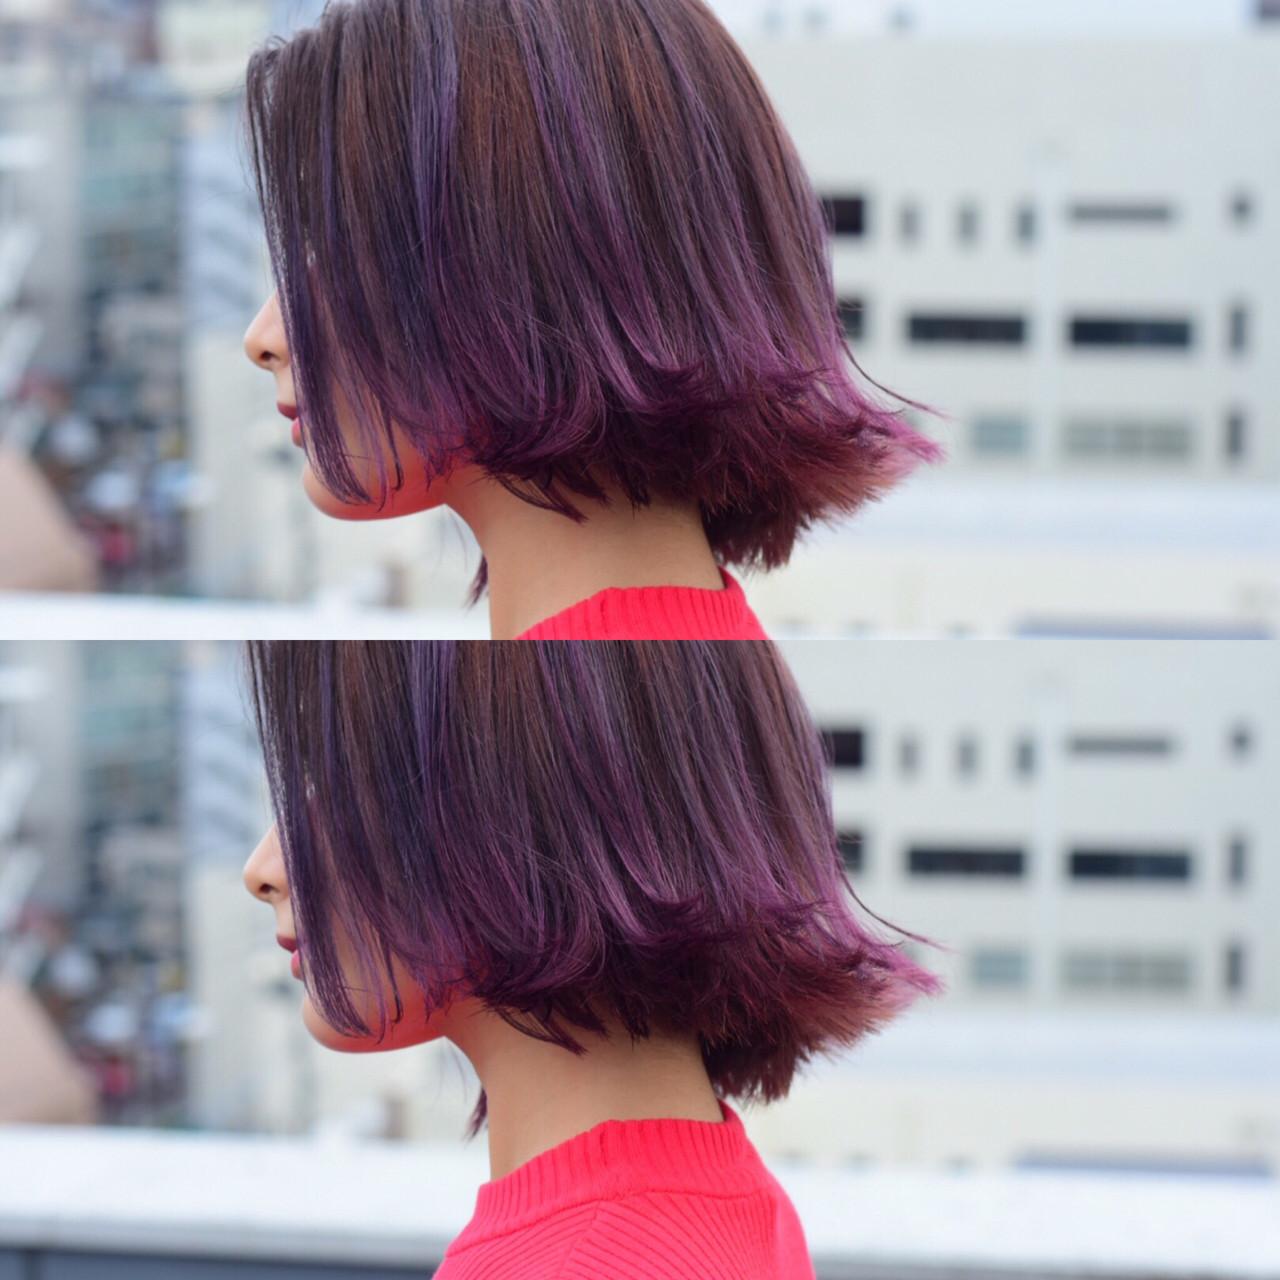 暗めピンクアッシュスタイル カワノナオト【福岡美容師】 | kchiara